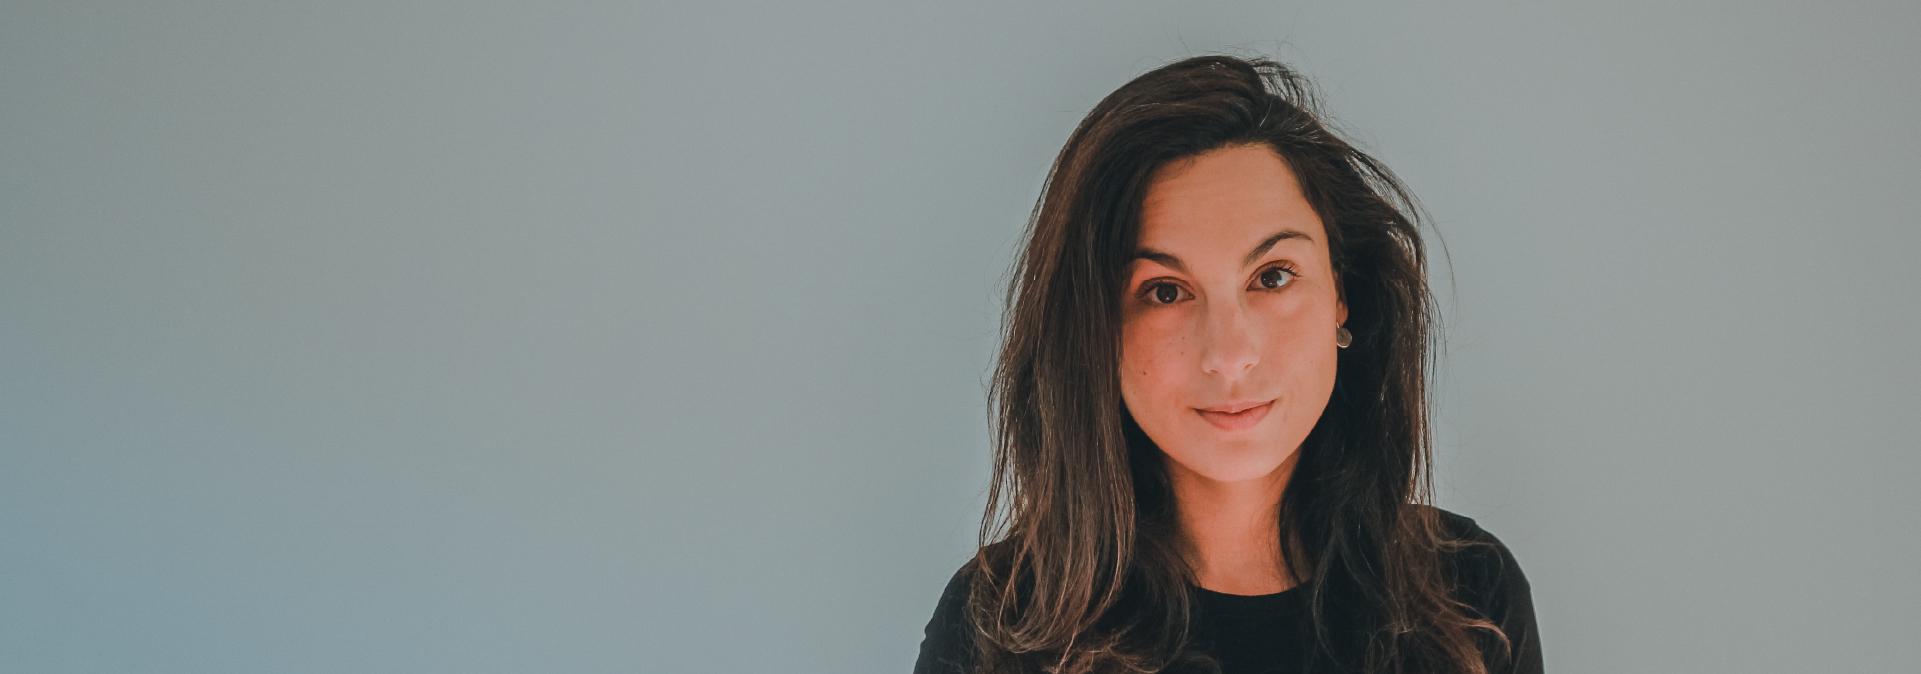 """Entrevista. Rafaela Granja: """"Apenas as mães podem ter filhos consigo em estabelecimentos prisionais. Os pais não"""""""